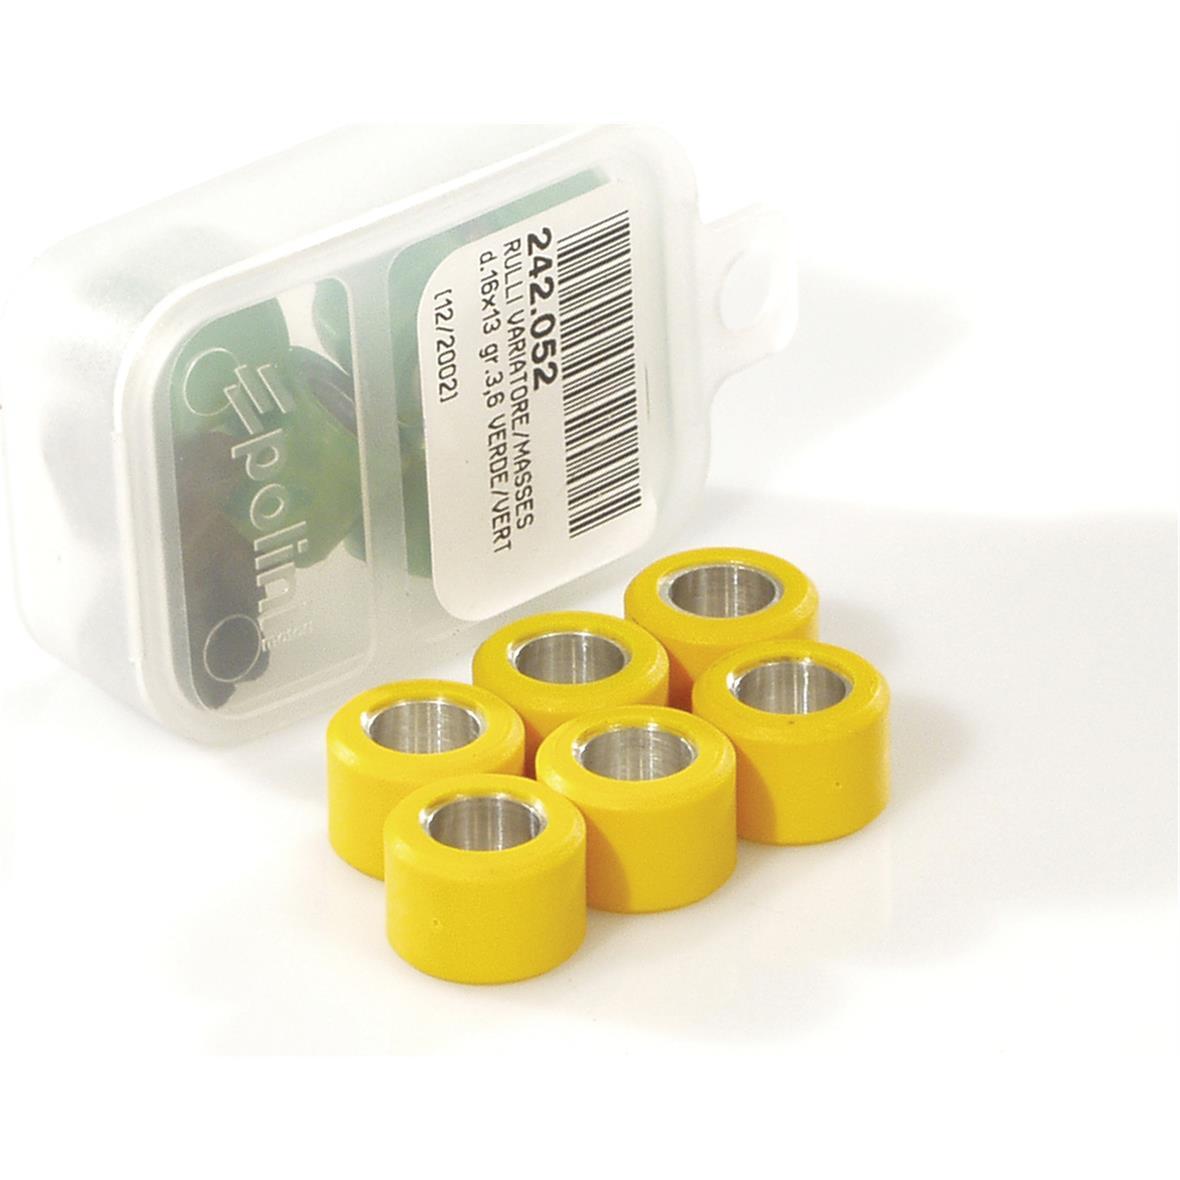 Εικόνα προϊόντος για 'Ράουλα Βαριατόρ POLINI 15x12 mm 4,1 γραμμάριοTitle'